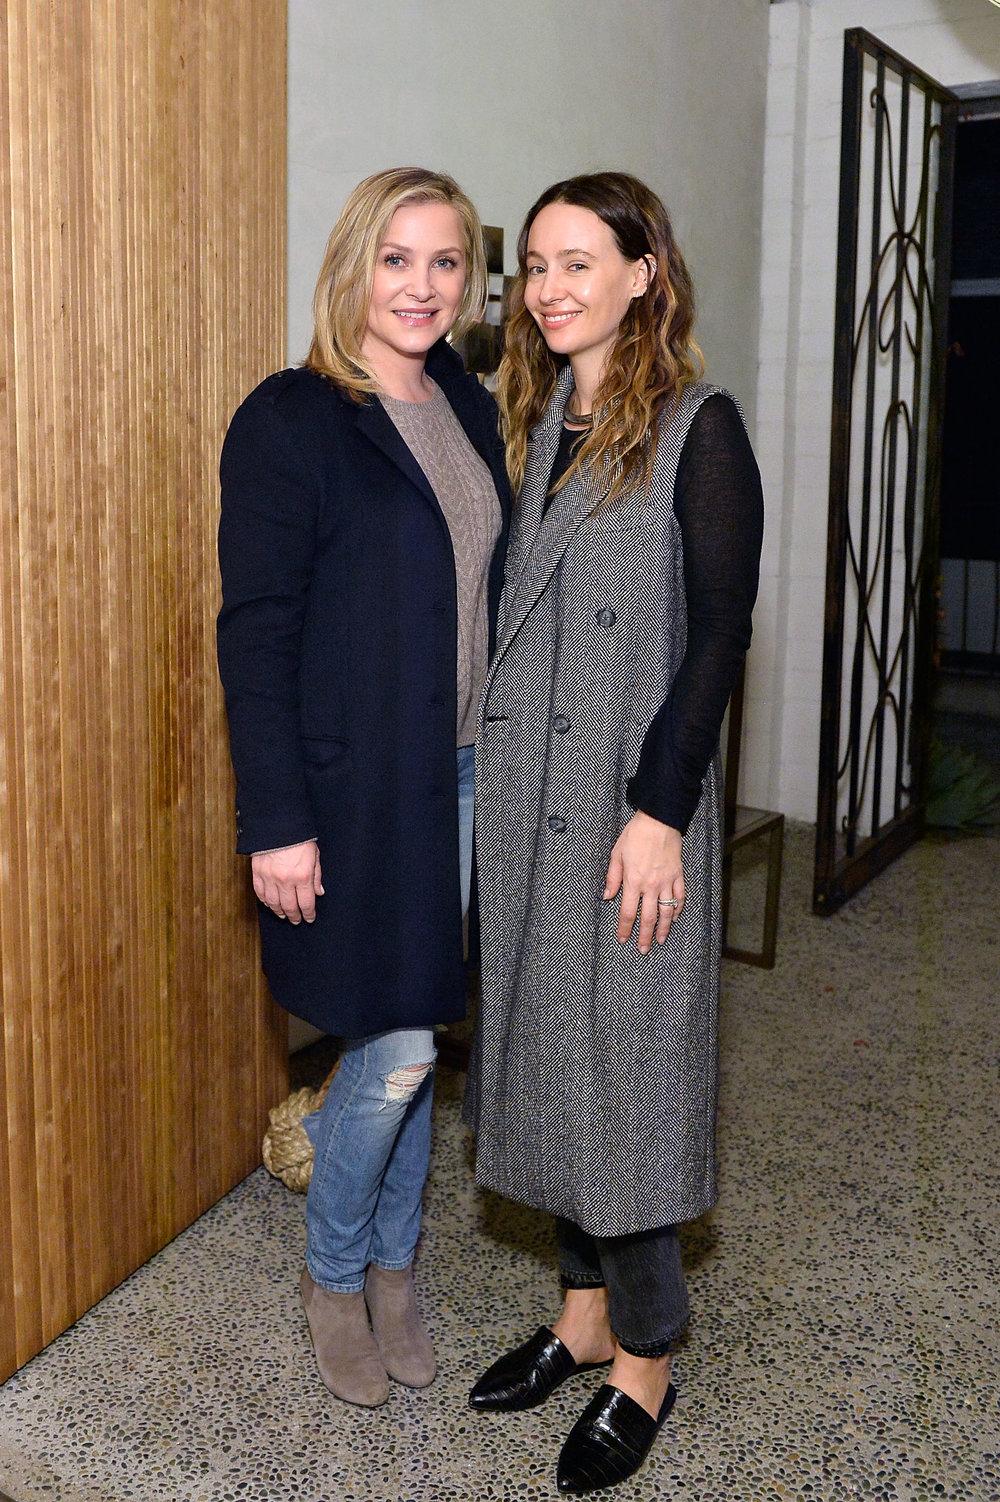 Jessica Capshaw & Jenni Kayne